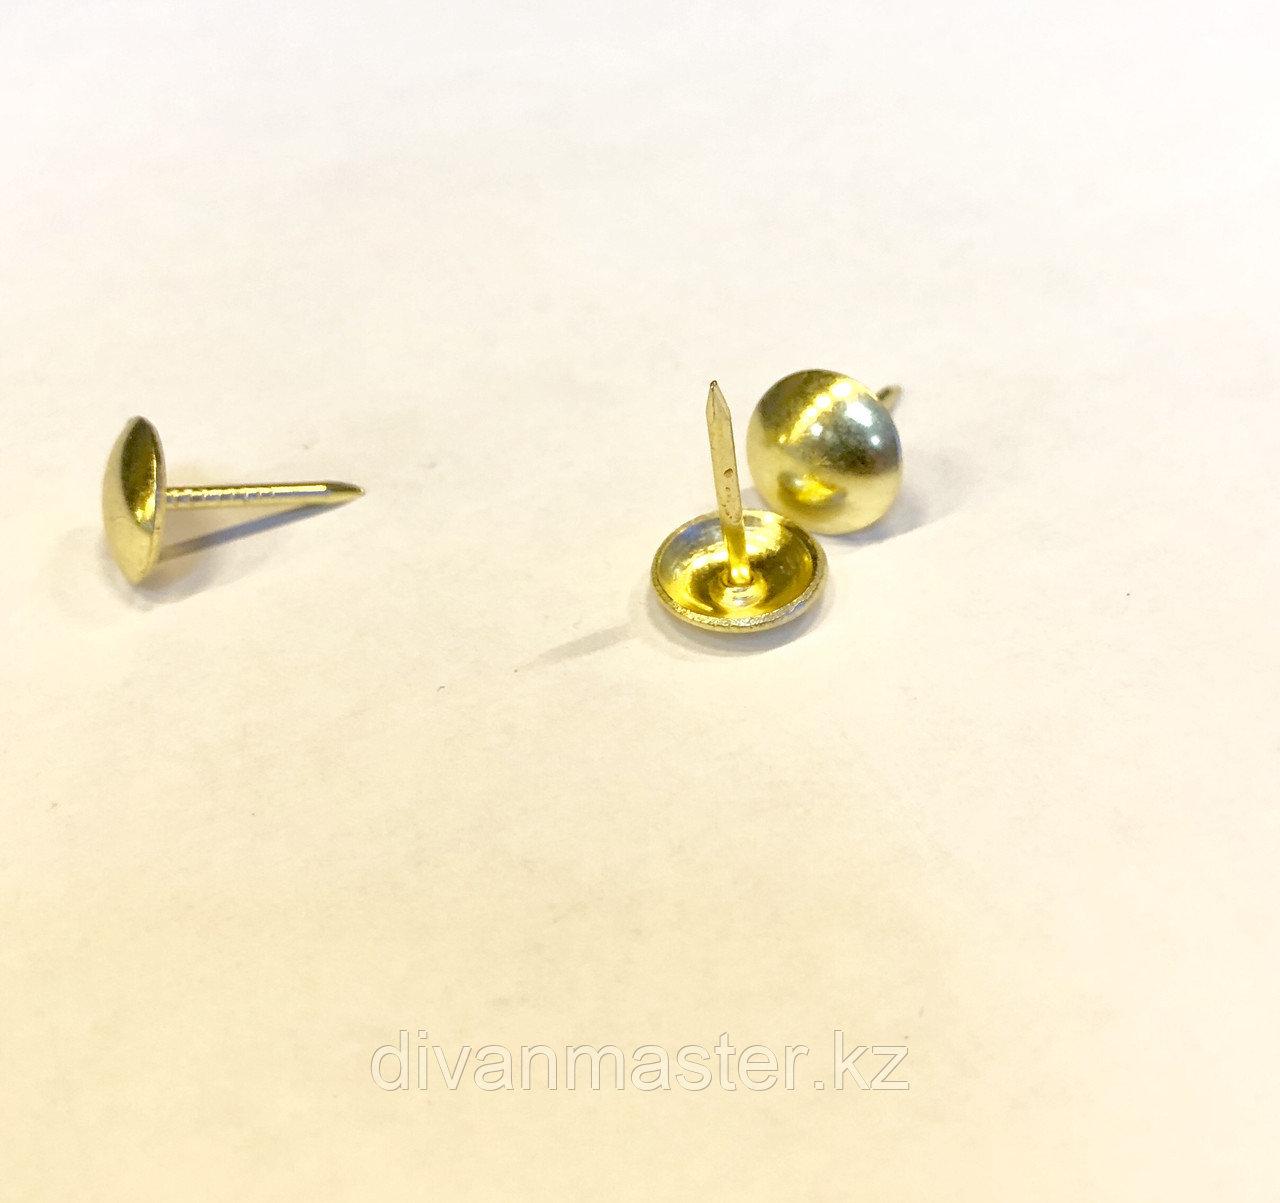 Гвозди декоративные 11 мм, золото - 500 штук.Китай